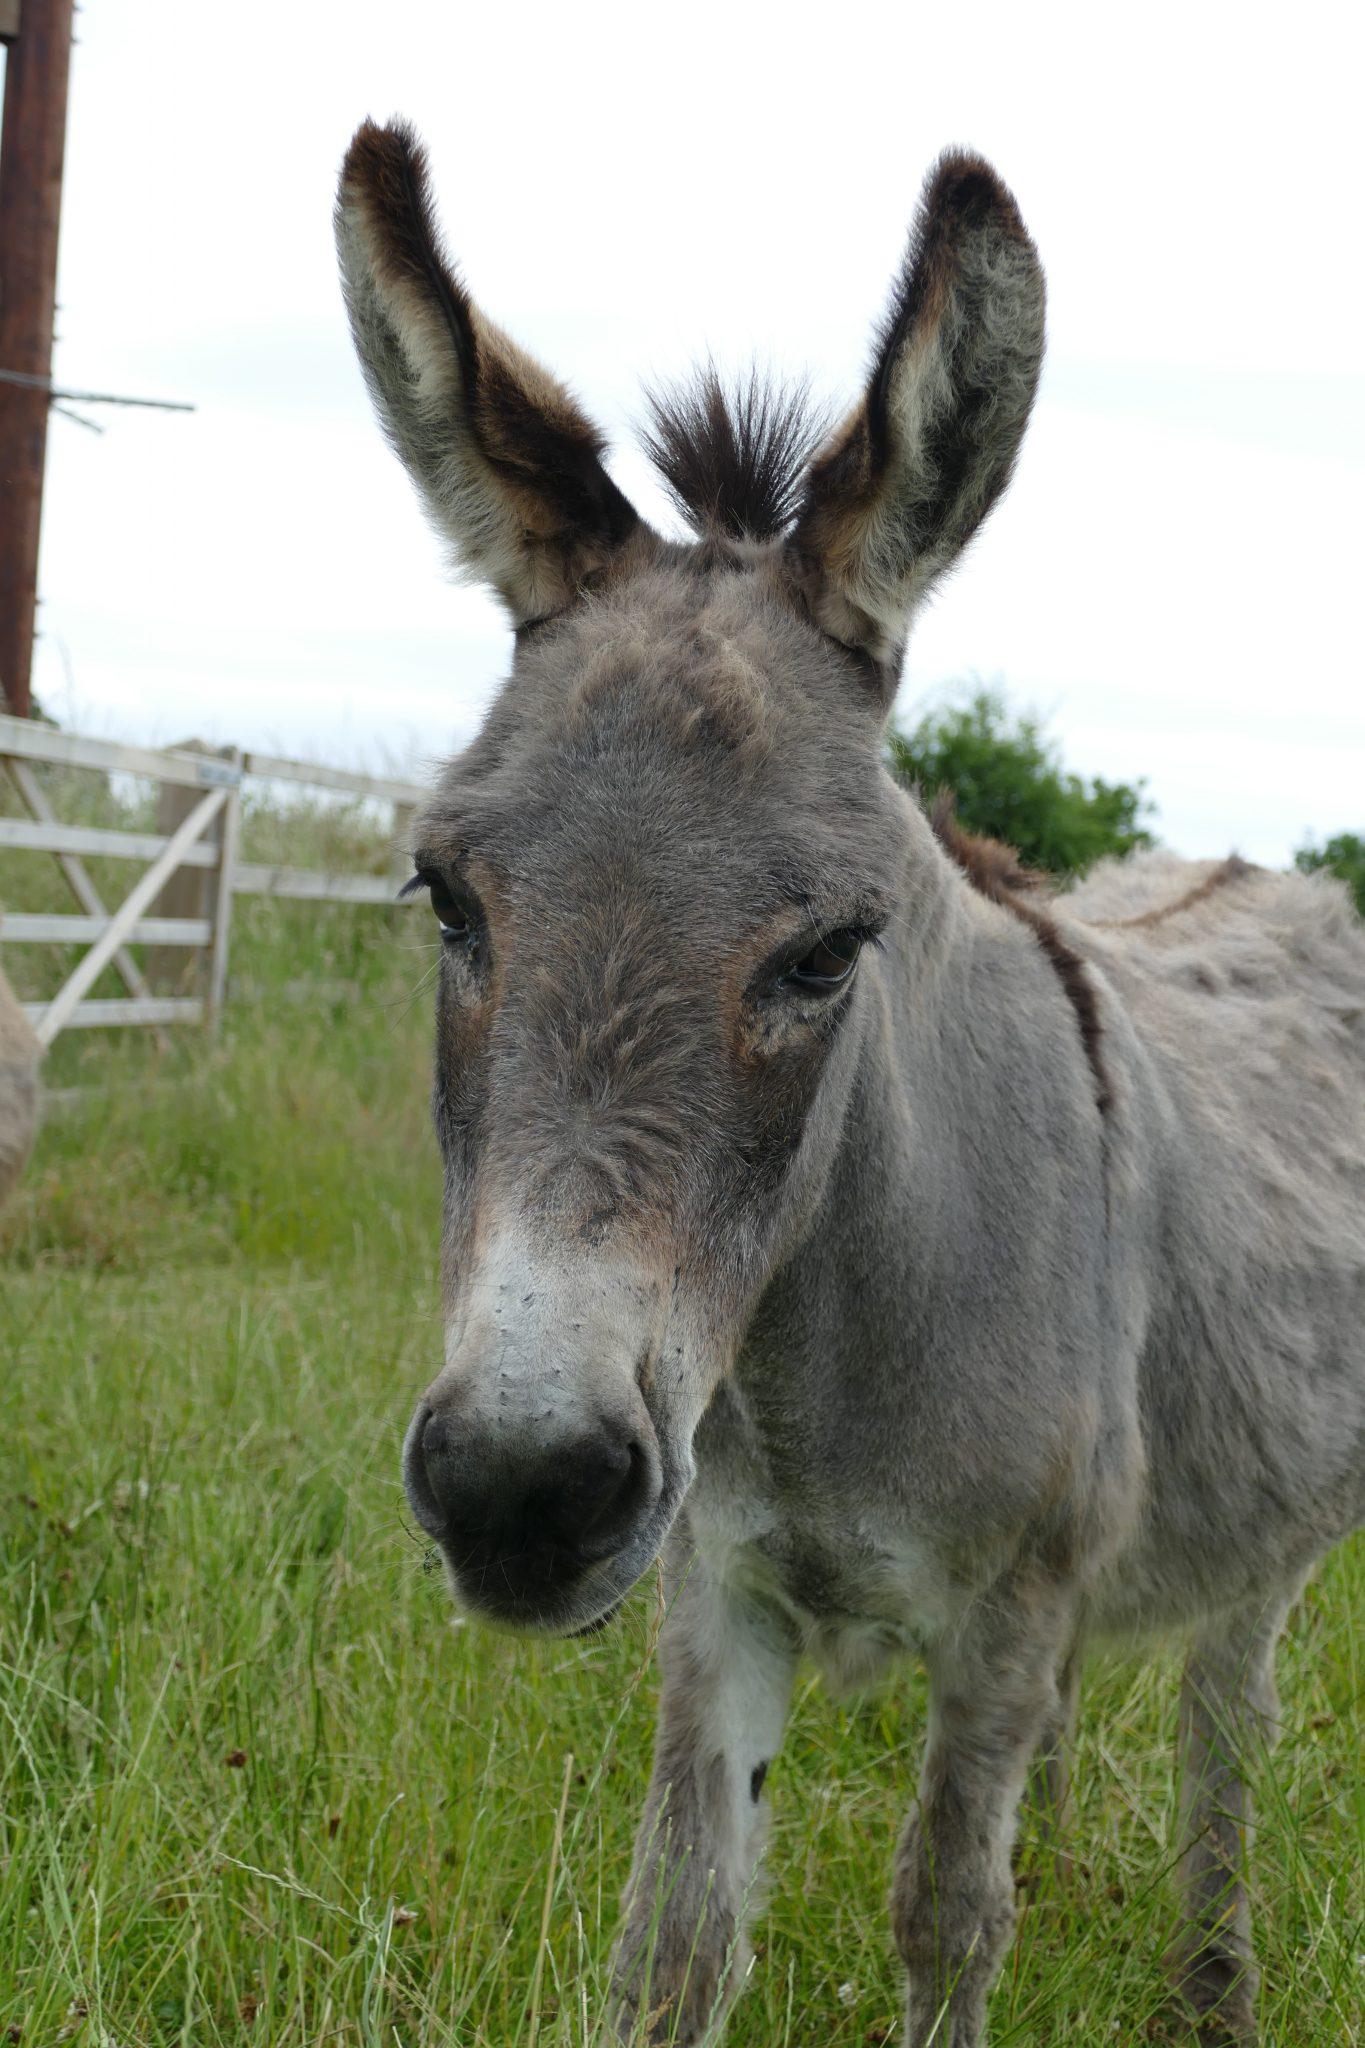 starlight-wonkey-donkey-visitors-centre